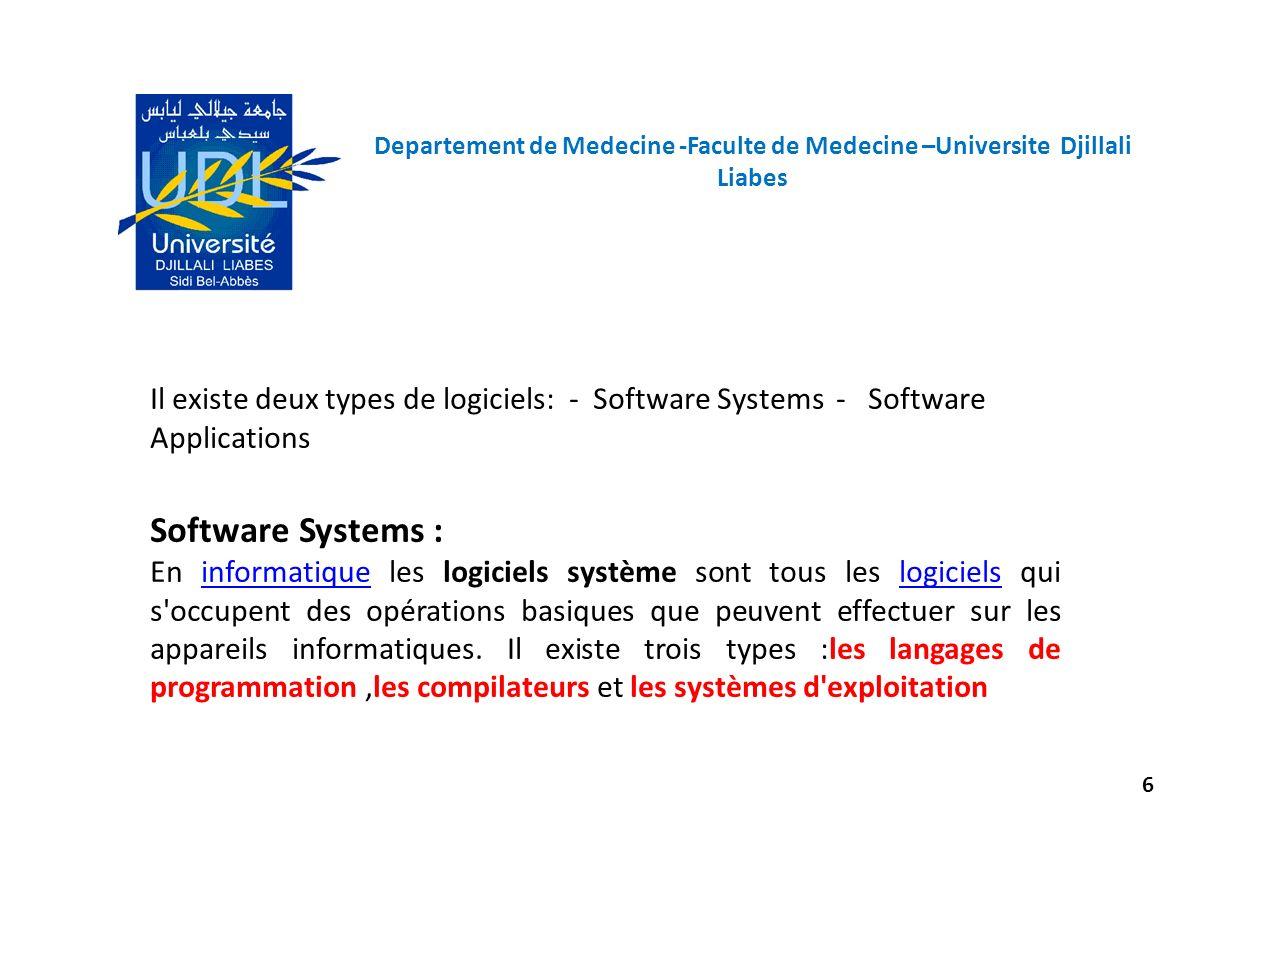 Departement de Medecine -Faculte de Medecine –Universite Djillali Liabes 6 Il existe deux types de logiciels: - Software Systems - Software Applicatio